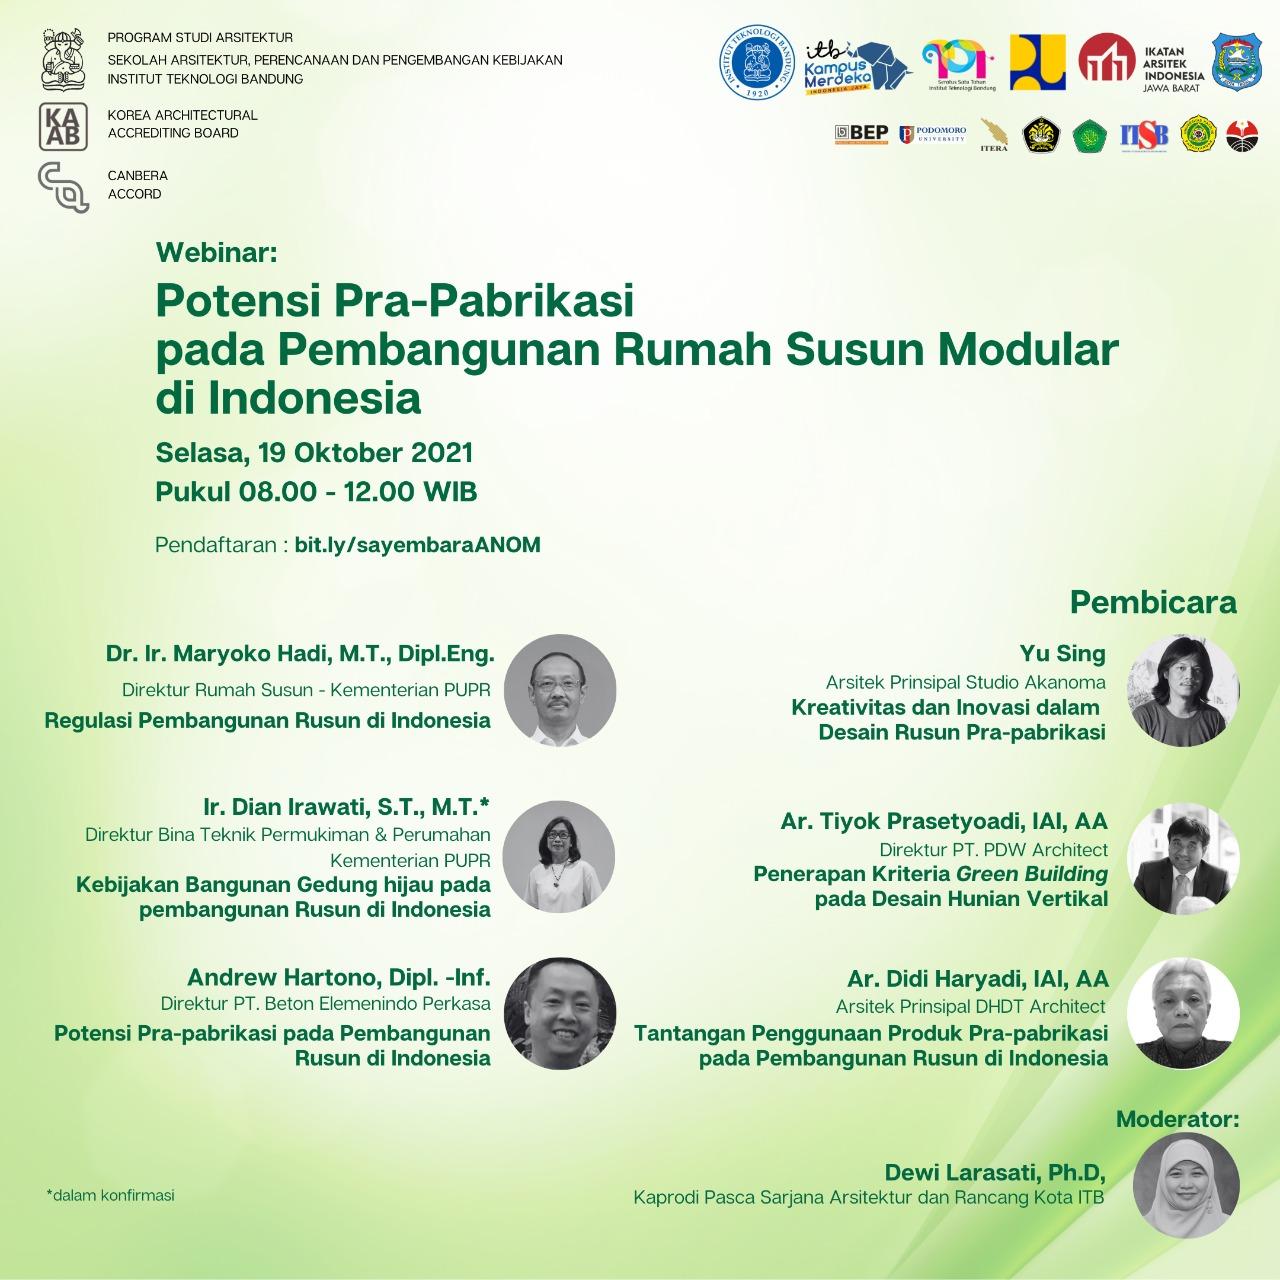 Webinar dan Sayembara Potensi Pra-Pabrikasi pada Pembangunan Rumah Susun Modular di Indonesia